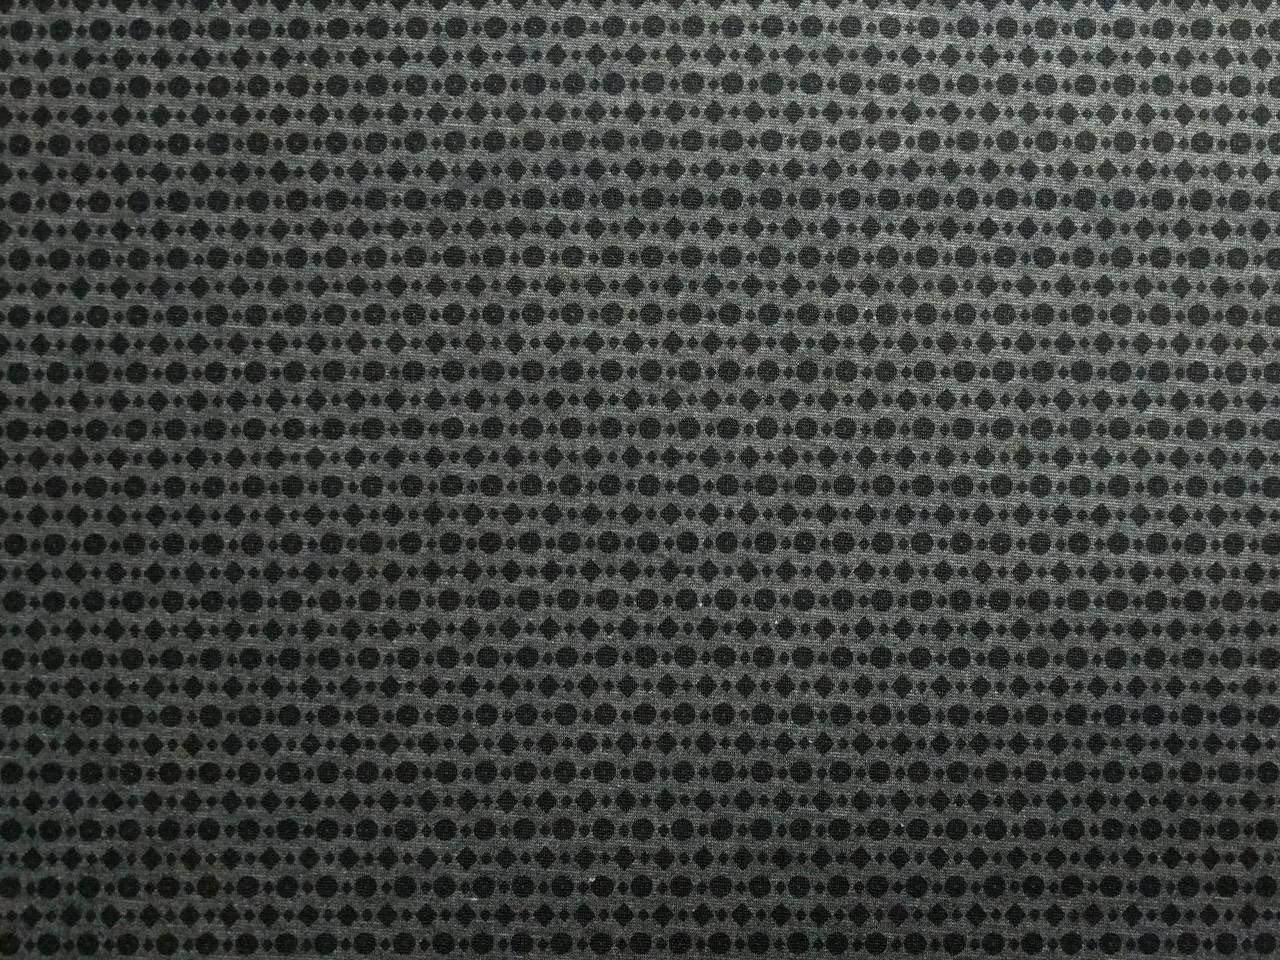 Трикотаж двухсторонний геометрическая россыпь, серый